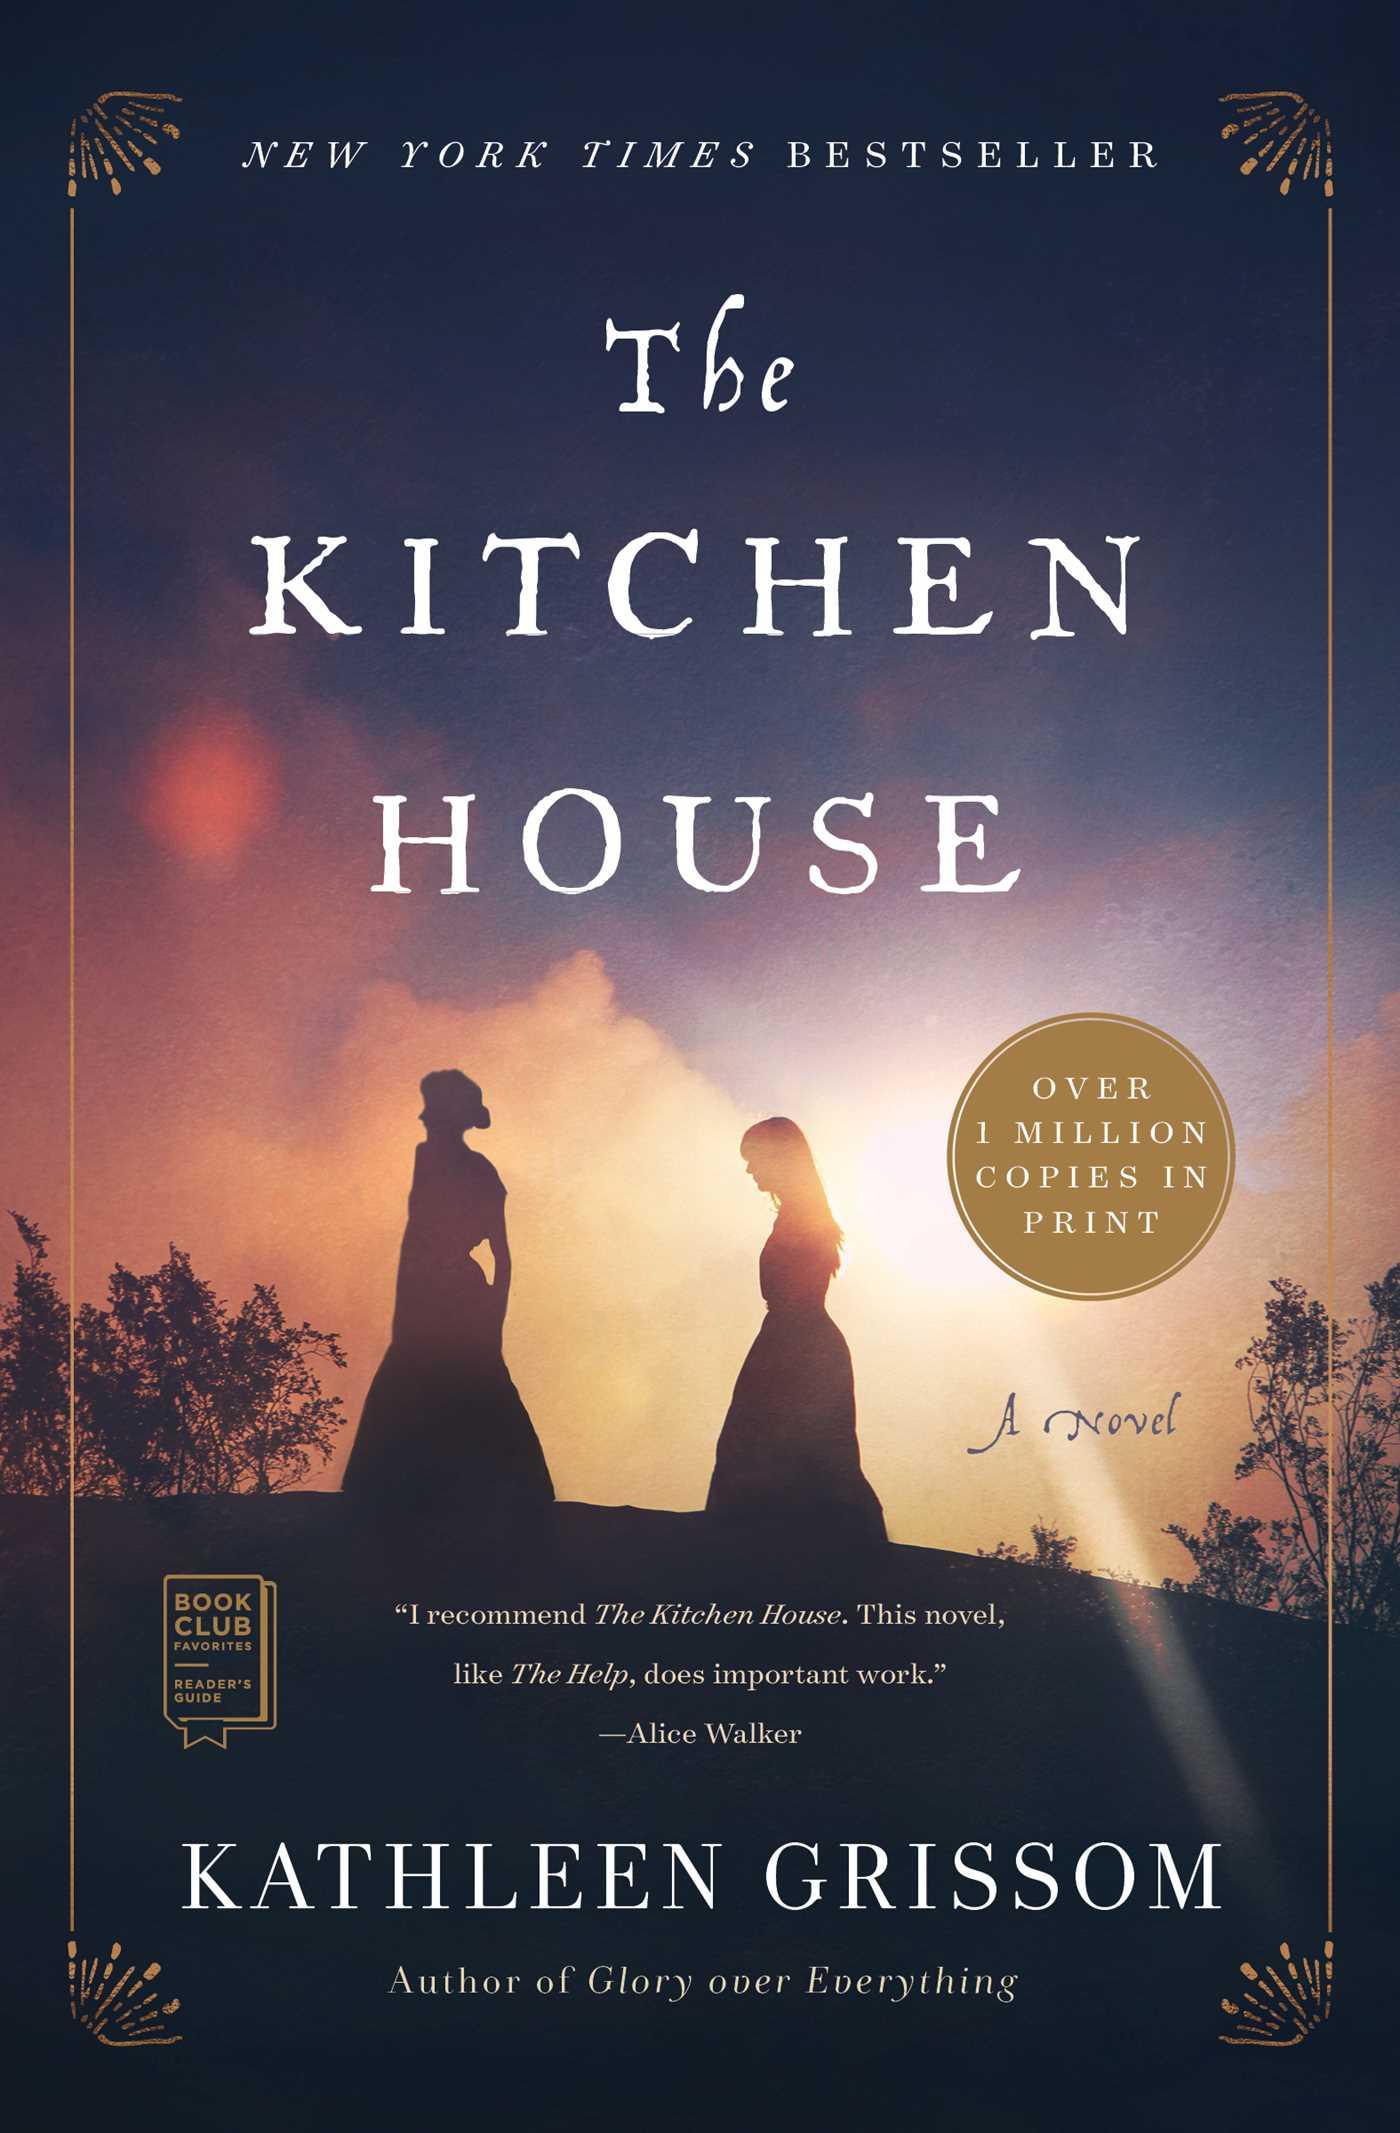 The kitchen house 9781439160121 hr